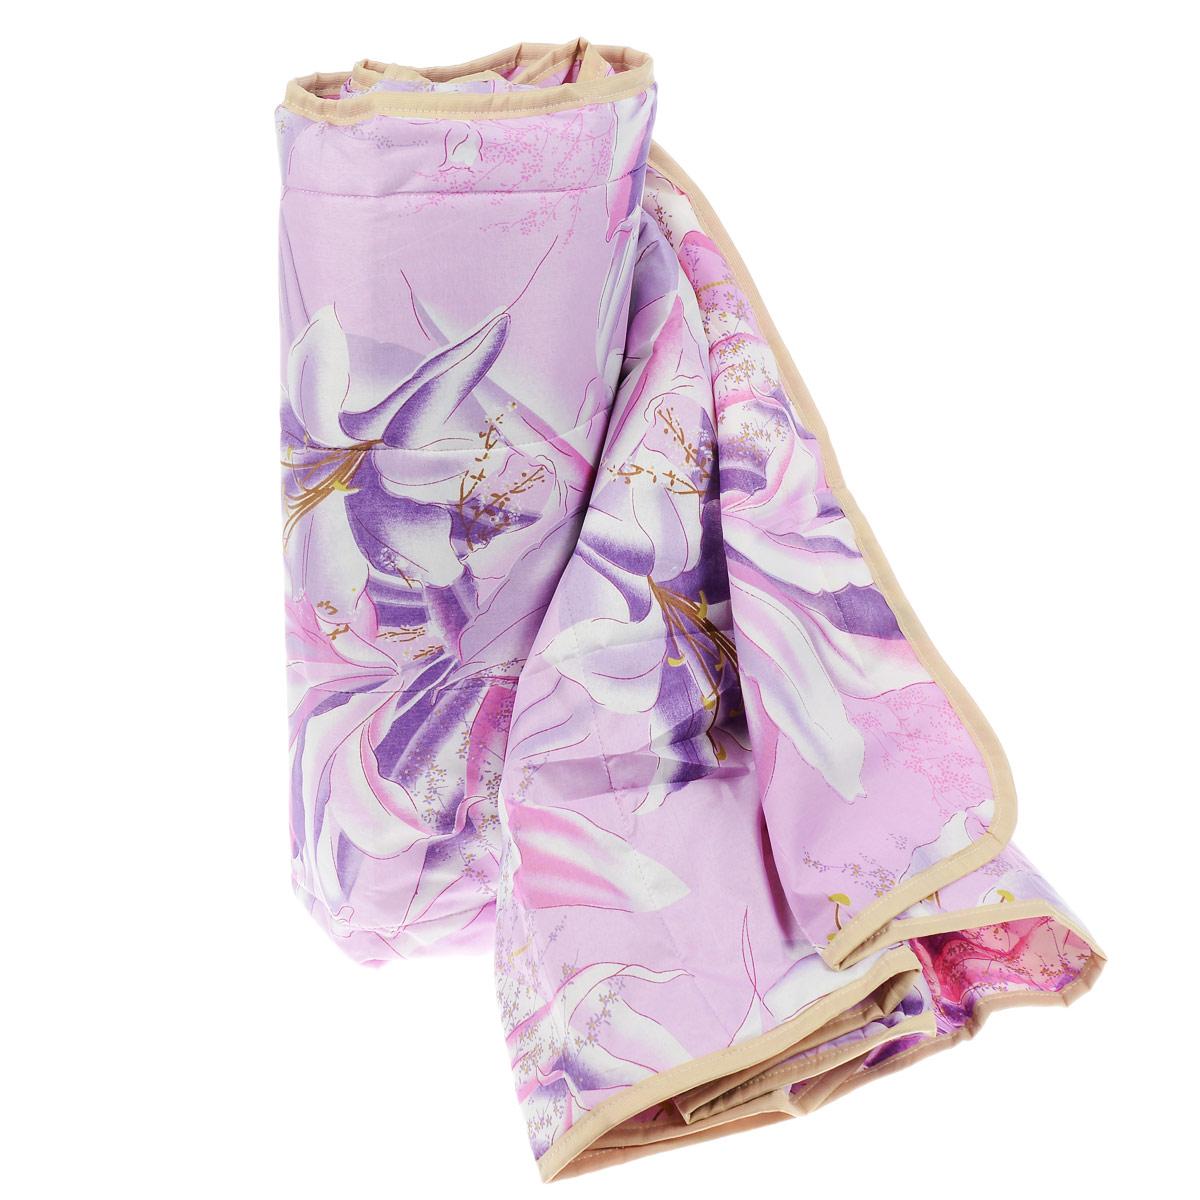 Одеяло летнее OL-Tex Miotex, наполнитель: полиэфирное волокно Holfiteks, цвет: сиреневый, 172 х 205 смGC220/05Легкое летнее одеяло OL-Tex Miotex создаст комфорт и уют во время сна. Чехол выполнен из полиэстера и оформлен красочным цветочным рисунком. Внутри - современный наполнитель из полиэфирного высокосиликонизированного волокна Holfiteks, упругий и качественный. Прекрасно держит тепло. Одеяло с наполнителем Holfiteks легкое и комфортное. Даже после многократных стирок не теряет свою форму, наполнитель не сбивается, так как одеяло простегано и окантовано. Не вызывает аллергии. Holfiteks - это возможность легко ухаживать за своими постельными принадлежностями. Можно стирать в машинке, изделия быстро и полностью высыхают - это обеспечивает гигиену спального места при невысокой цене на продукцию. Рекомендации по уходу:- Ручная и машинная стирка при температуре 30°С.- Не гладить.- Не отбеливать. - Нельзя отжимать и сушить в стиральной машине.- Сушить вертикально. Размер одеяла: 172 см х 205 см. Материал чехла: 100% полиэстер. Материал наполнителя: полиэфирное высокосиликонизированное волокно Holfiteks. Плотность: 100 г/м2.